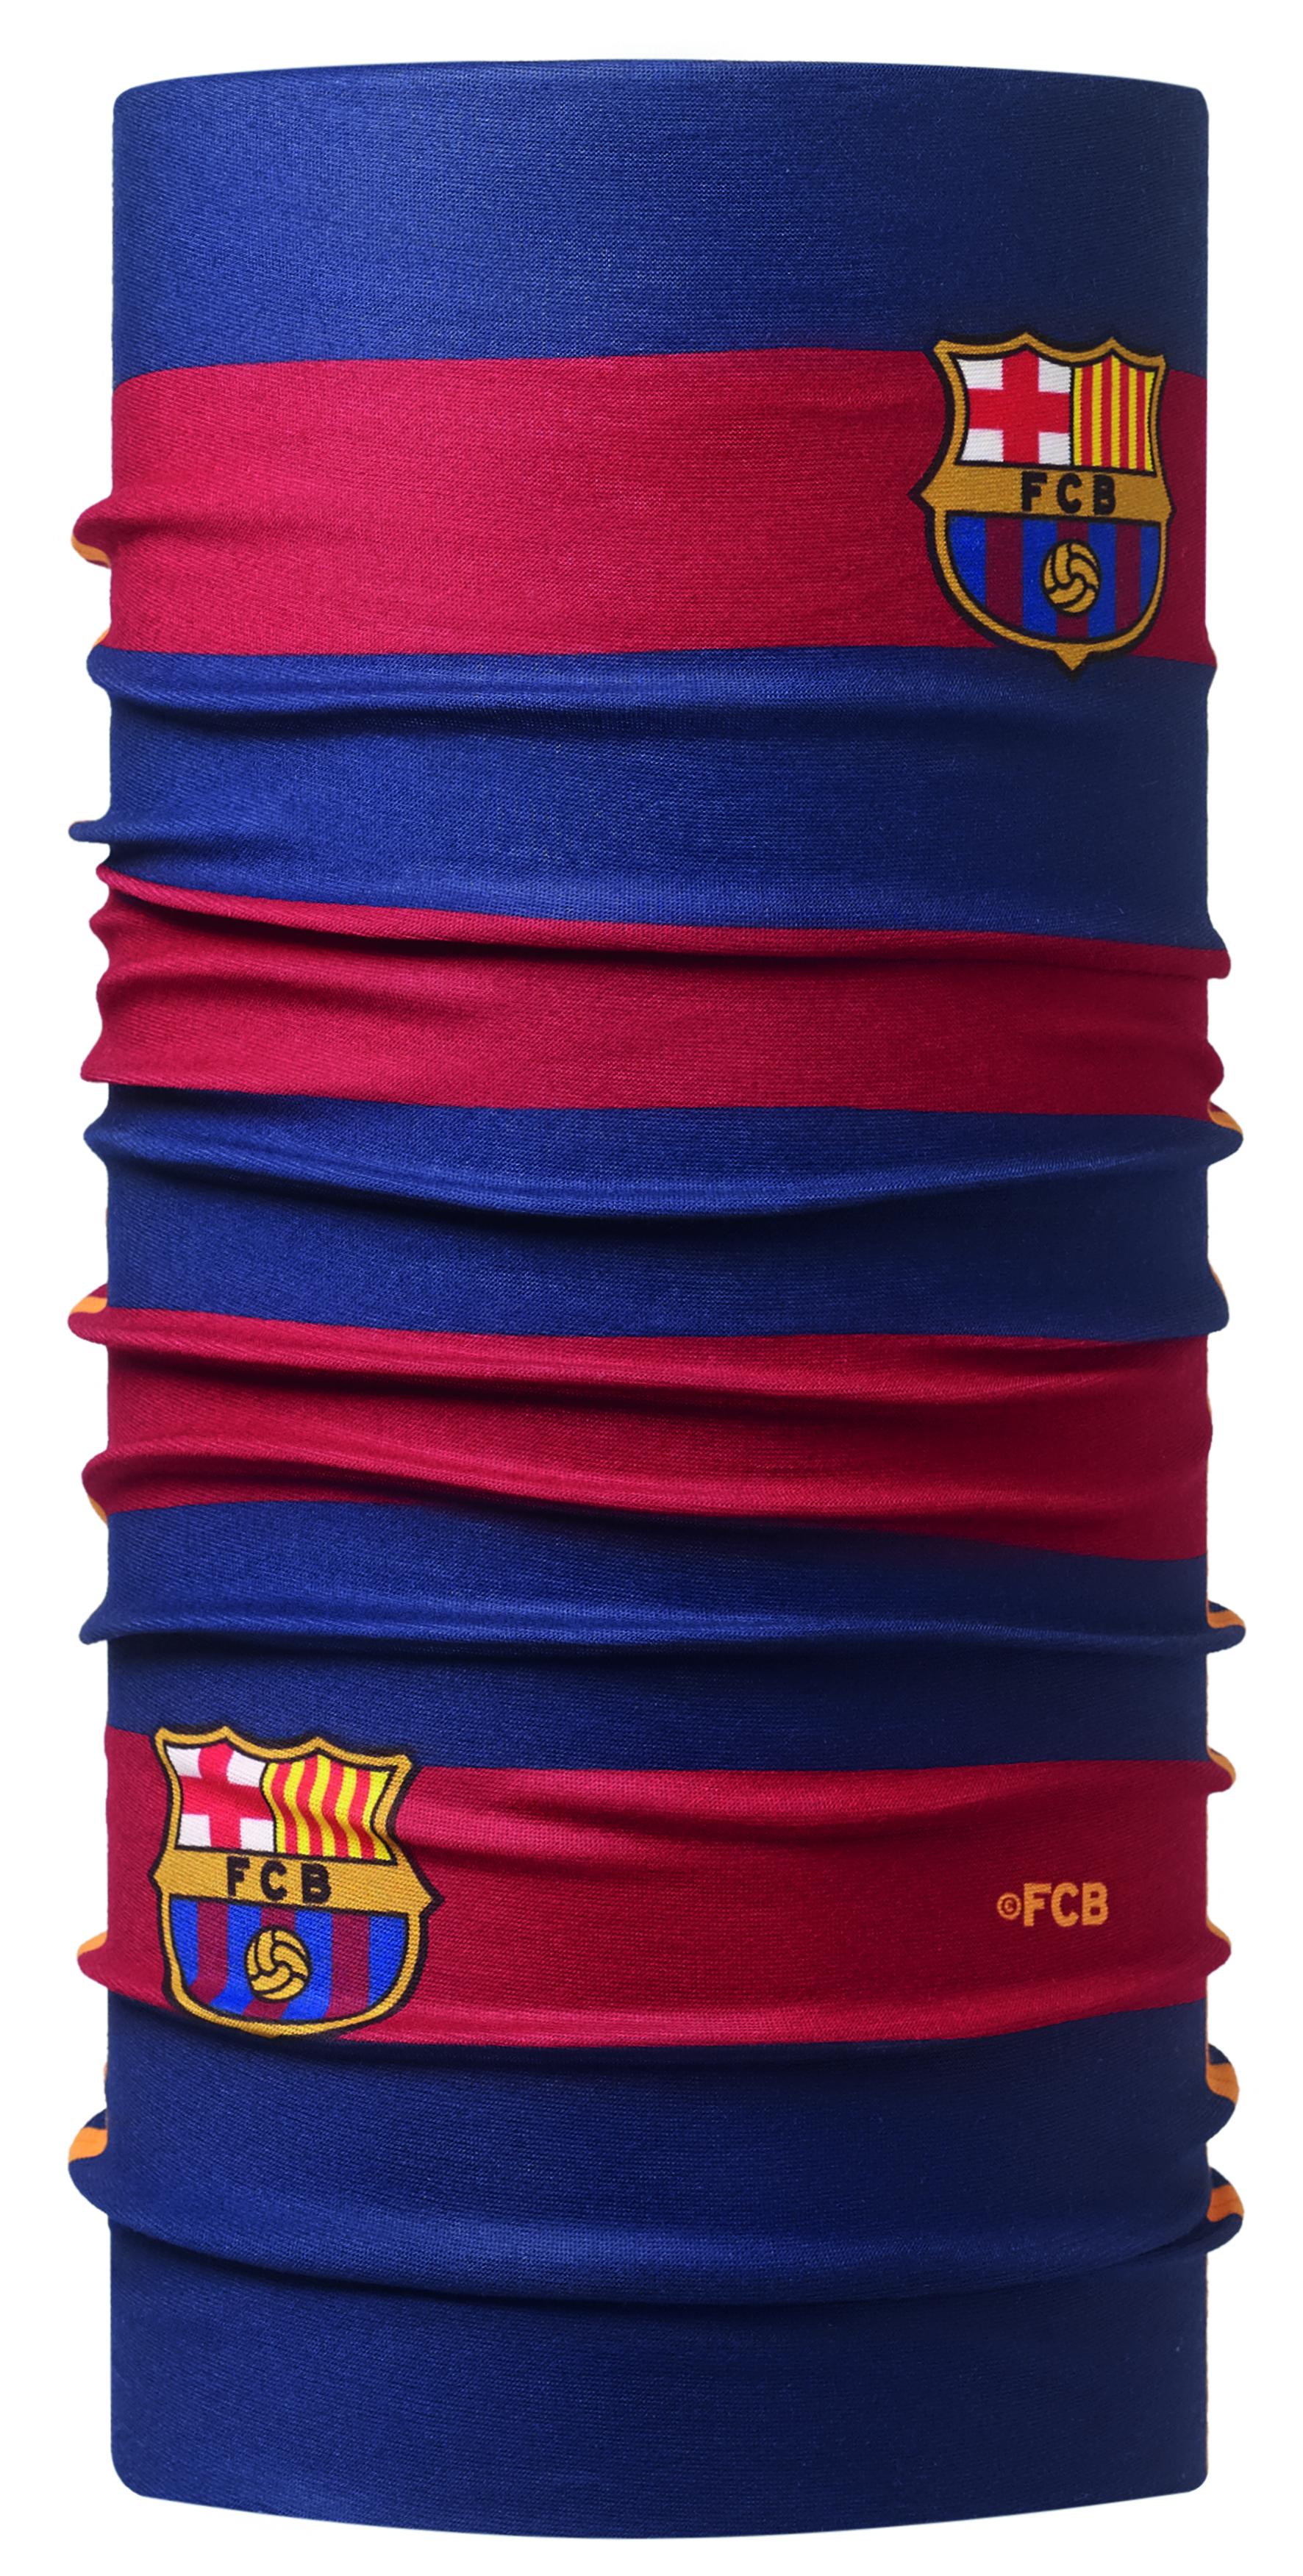 Купить Бандана BUFF Original Buff 1ST EQUIPMENT 15-16 Банданы и шарфы ® 1169061